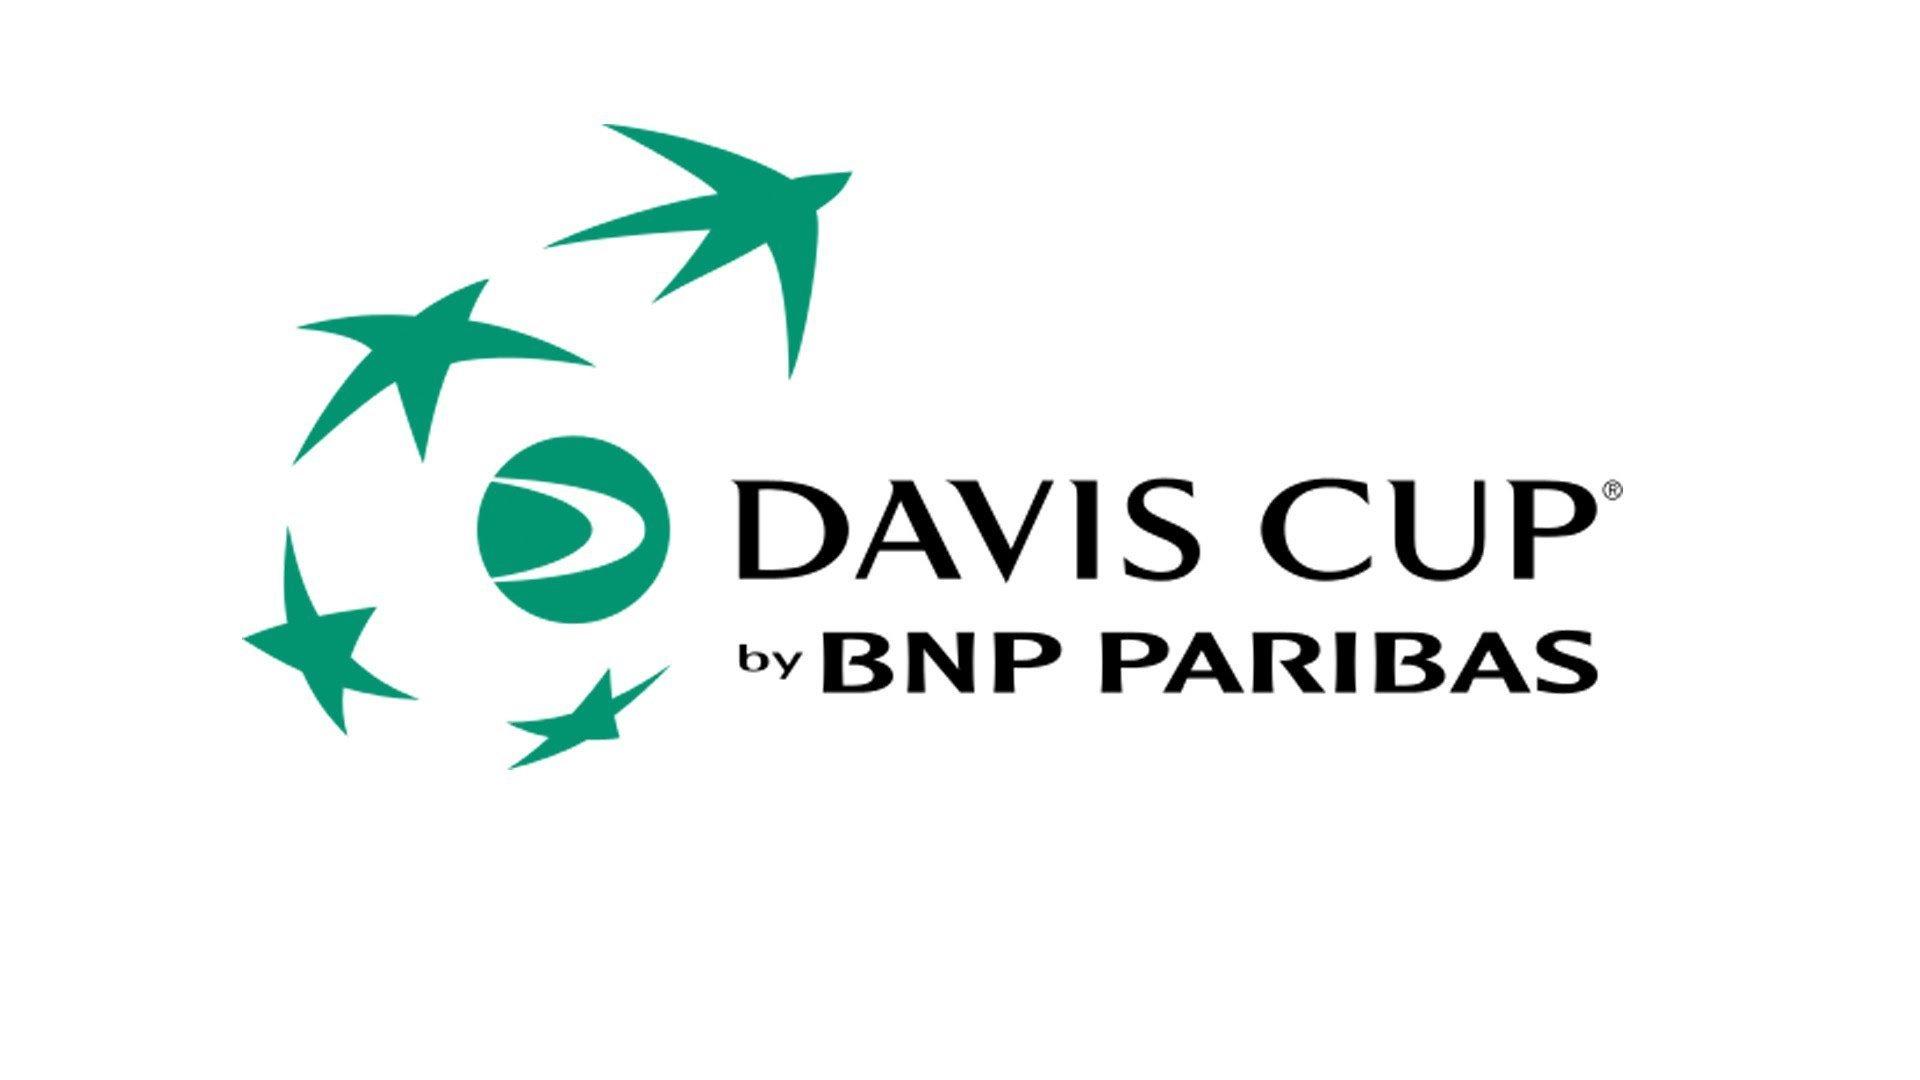 davis cup logo images 2015